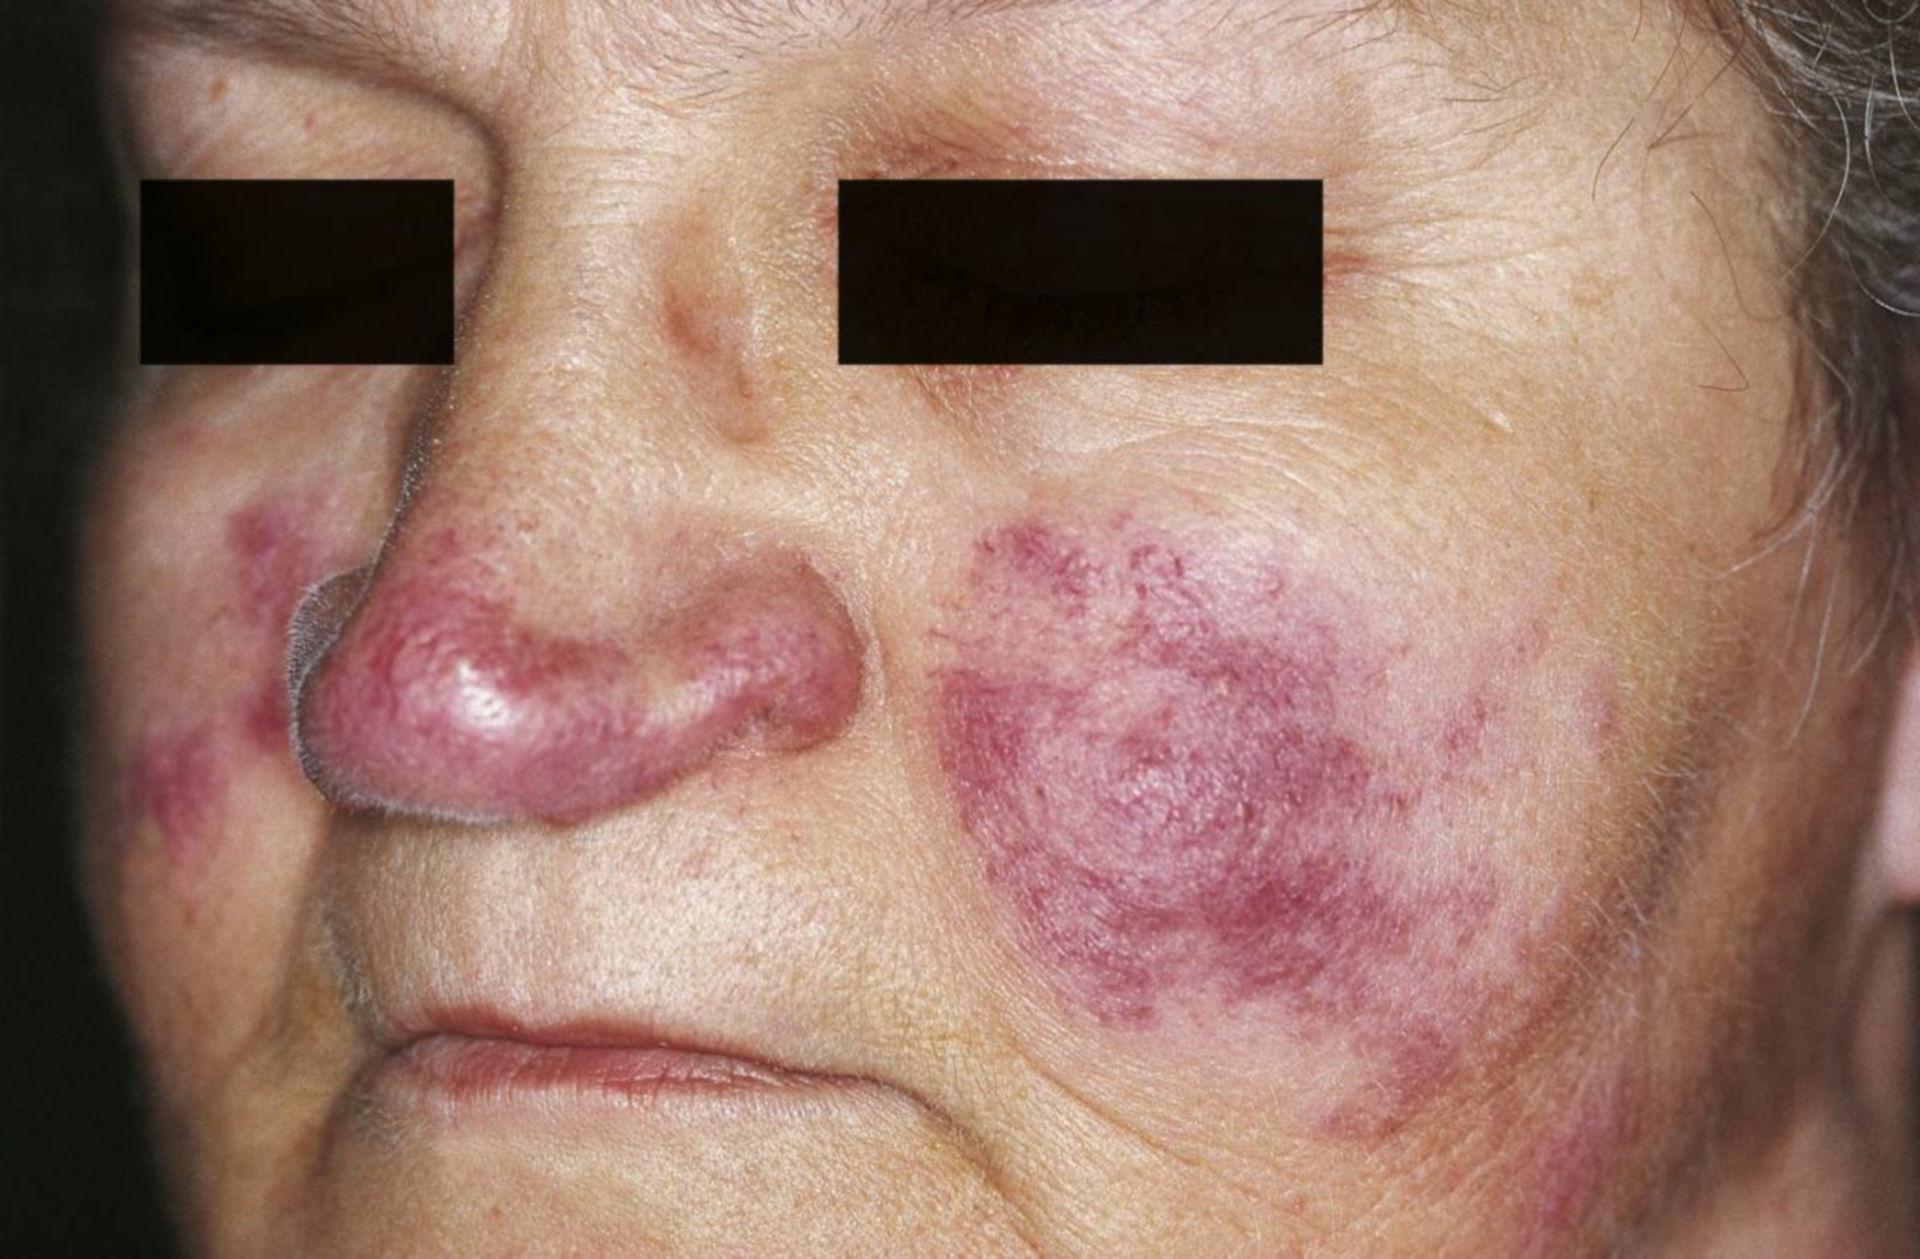 Hautläsionen bei Sarkoidose (Lupus pernio)